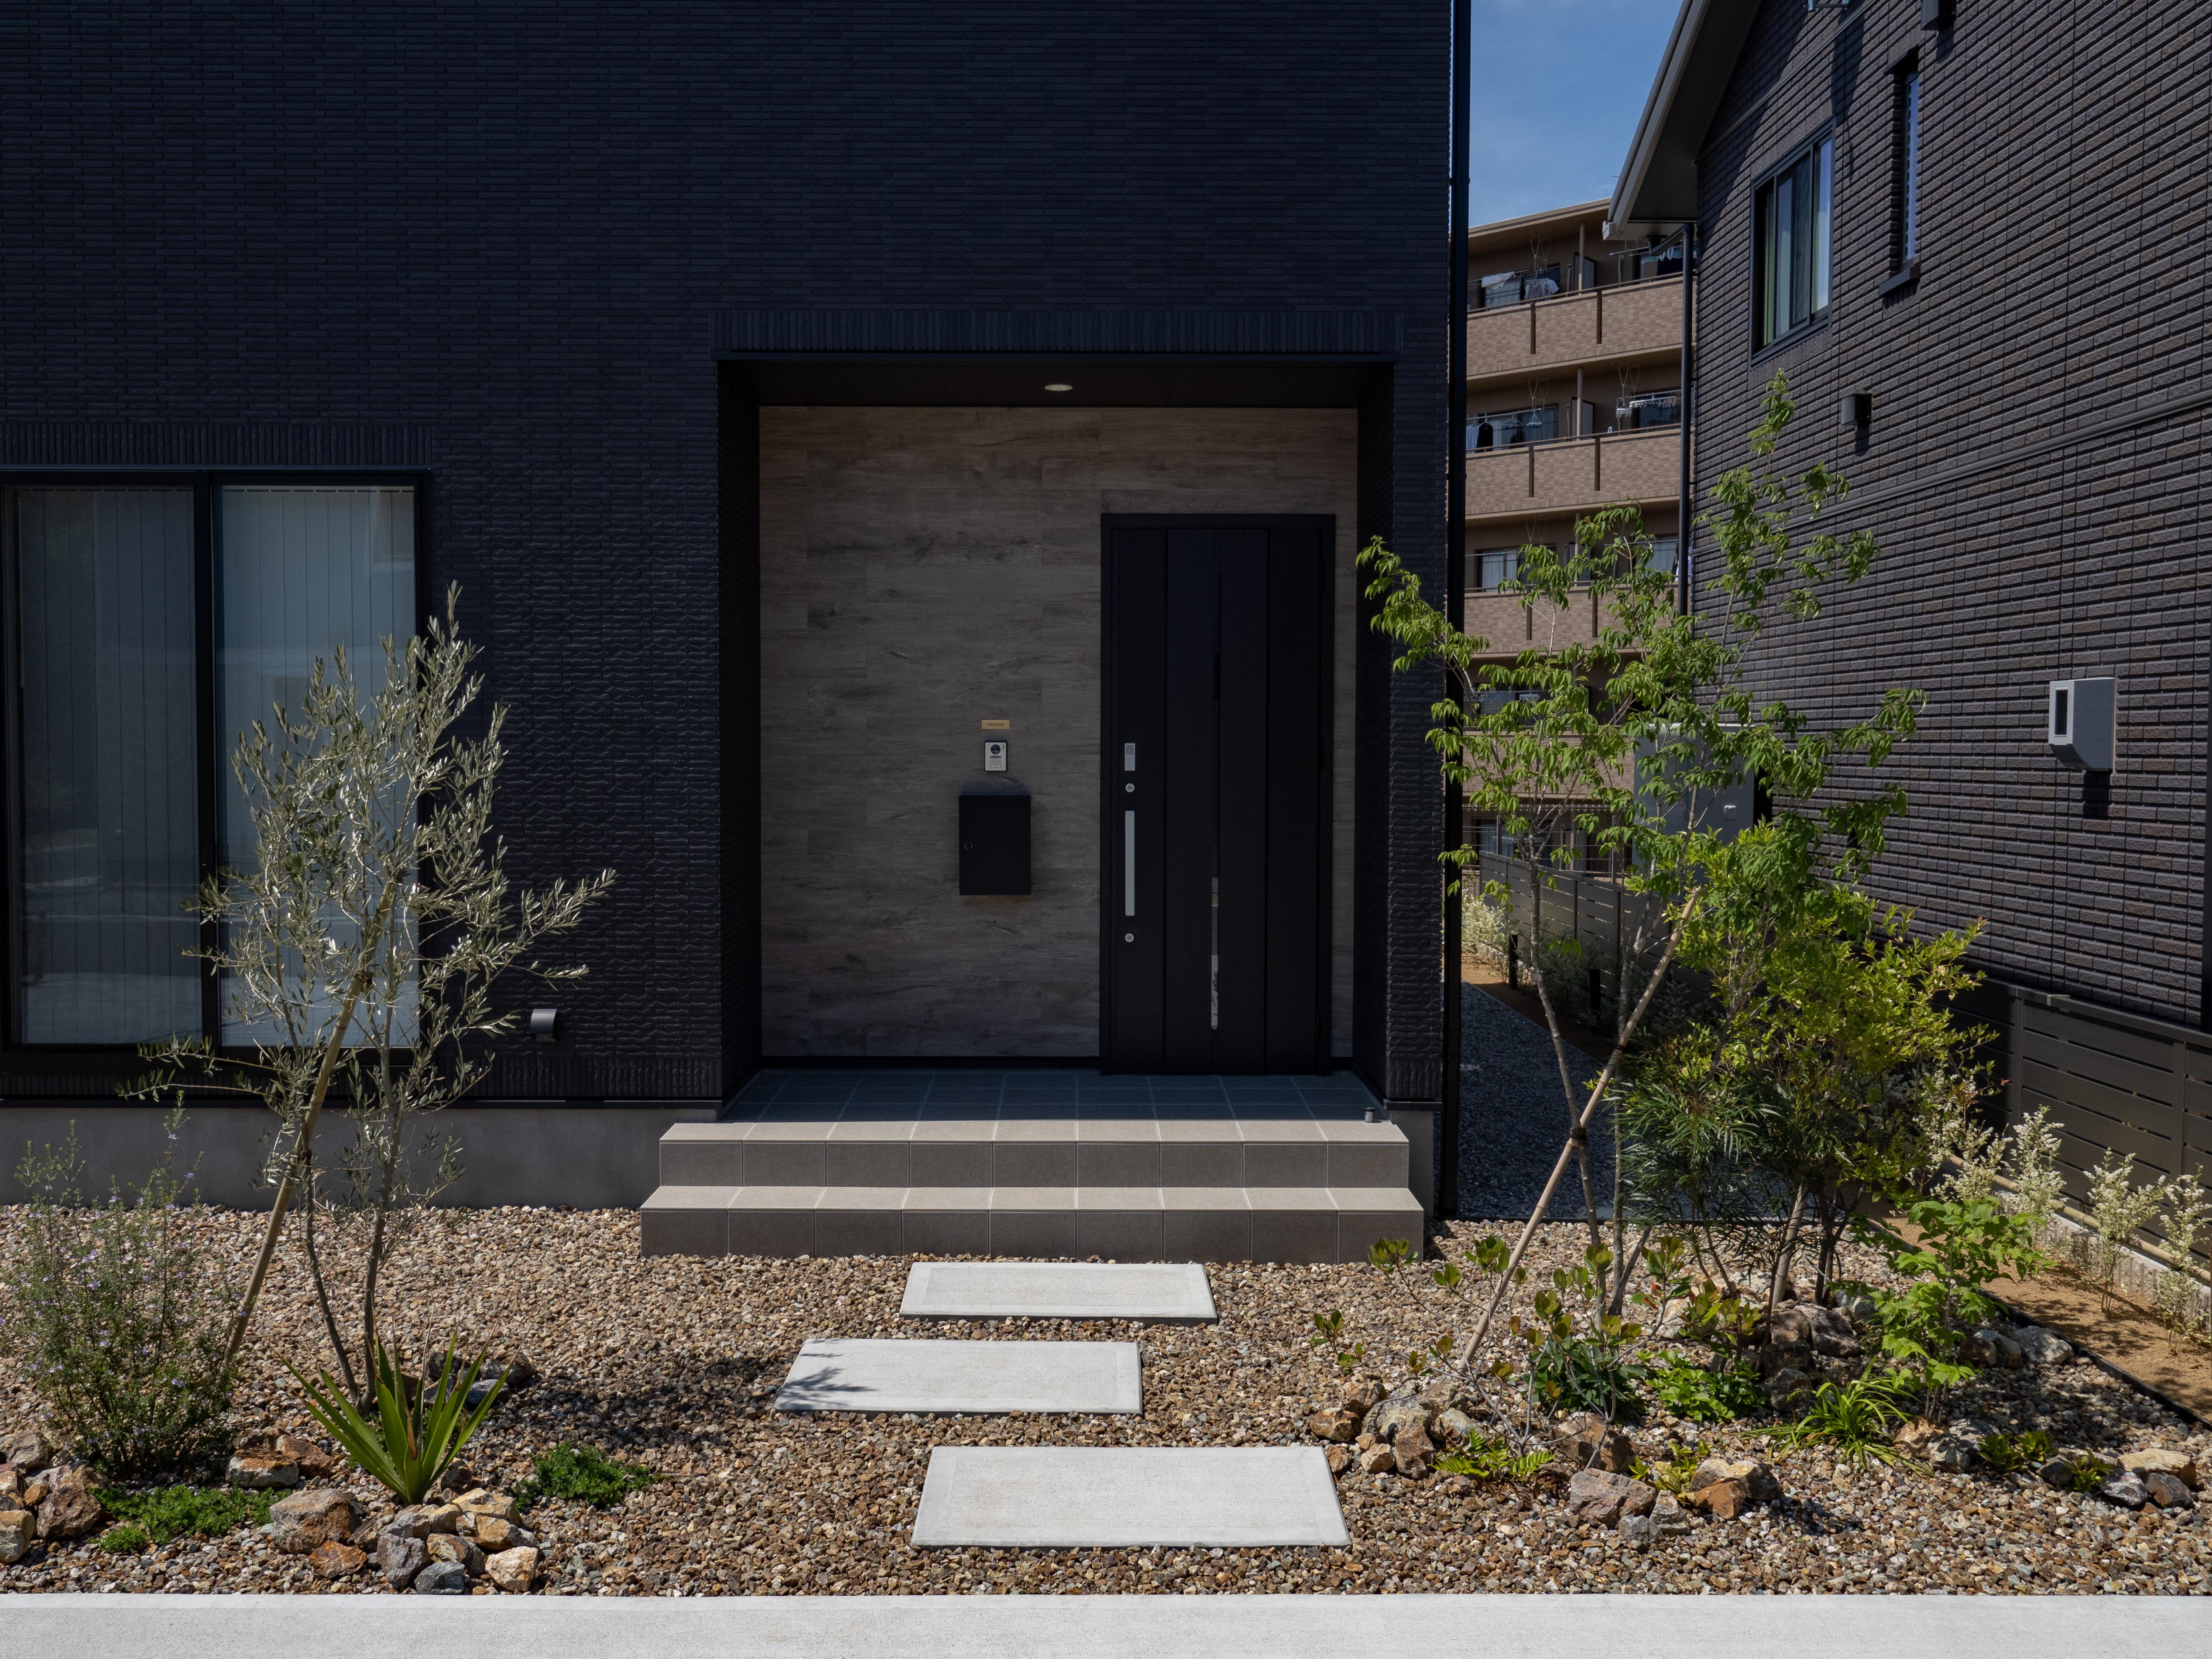 クレバリーホーム浜松東店【デザイン住宅、夫婦で暮らす、間取り】植栽に囲まれた玄関までのアプローチ。植栽たちのこれからの成長が毎日楽しみ